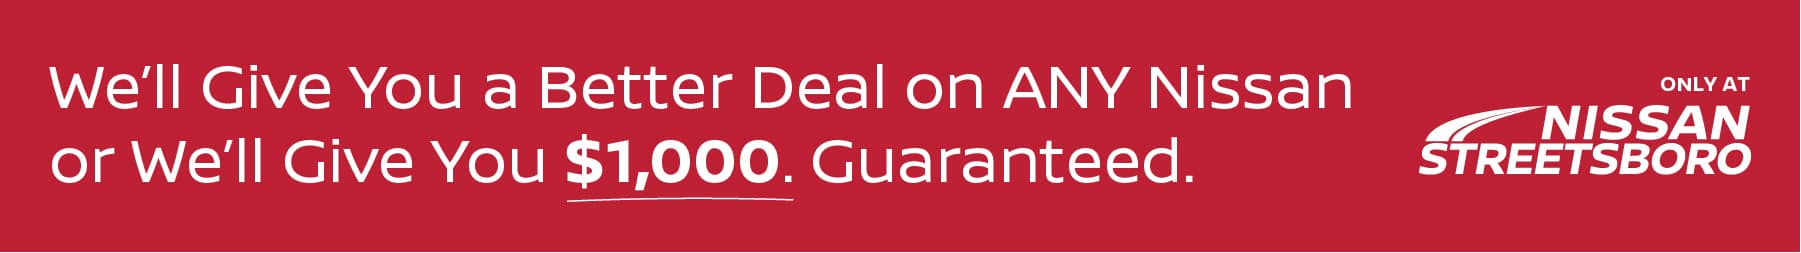 Better Deal